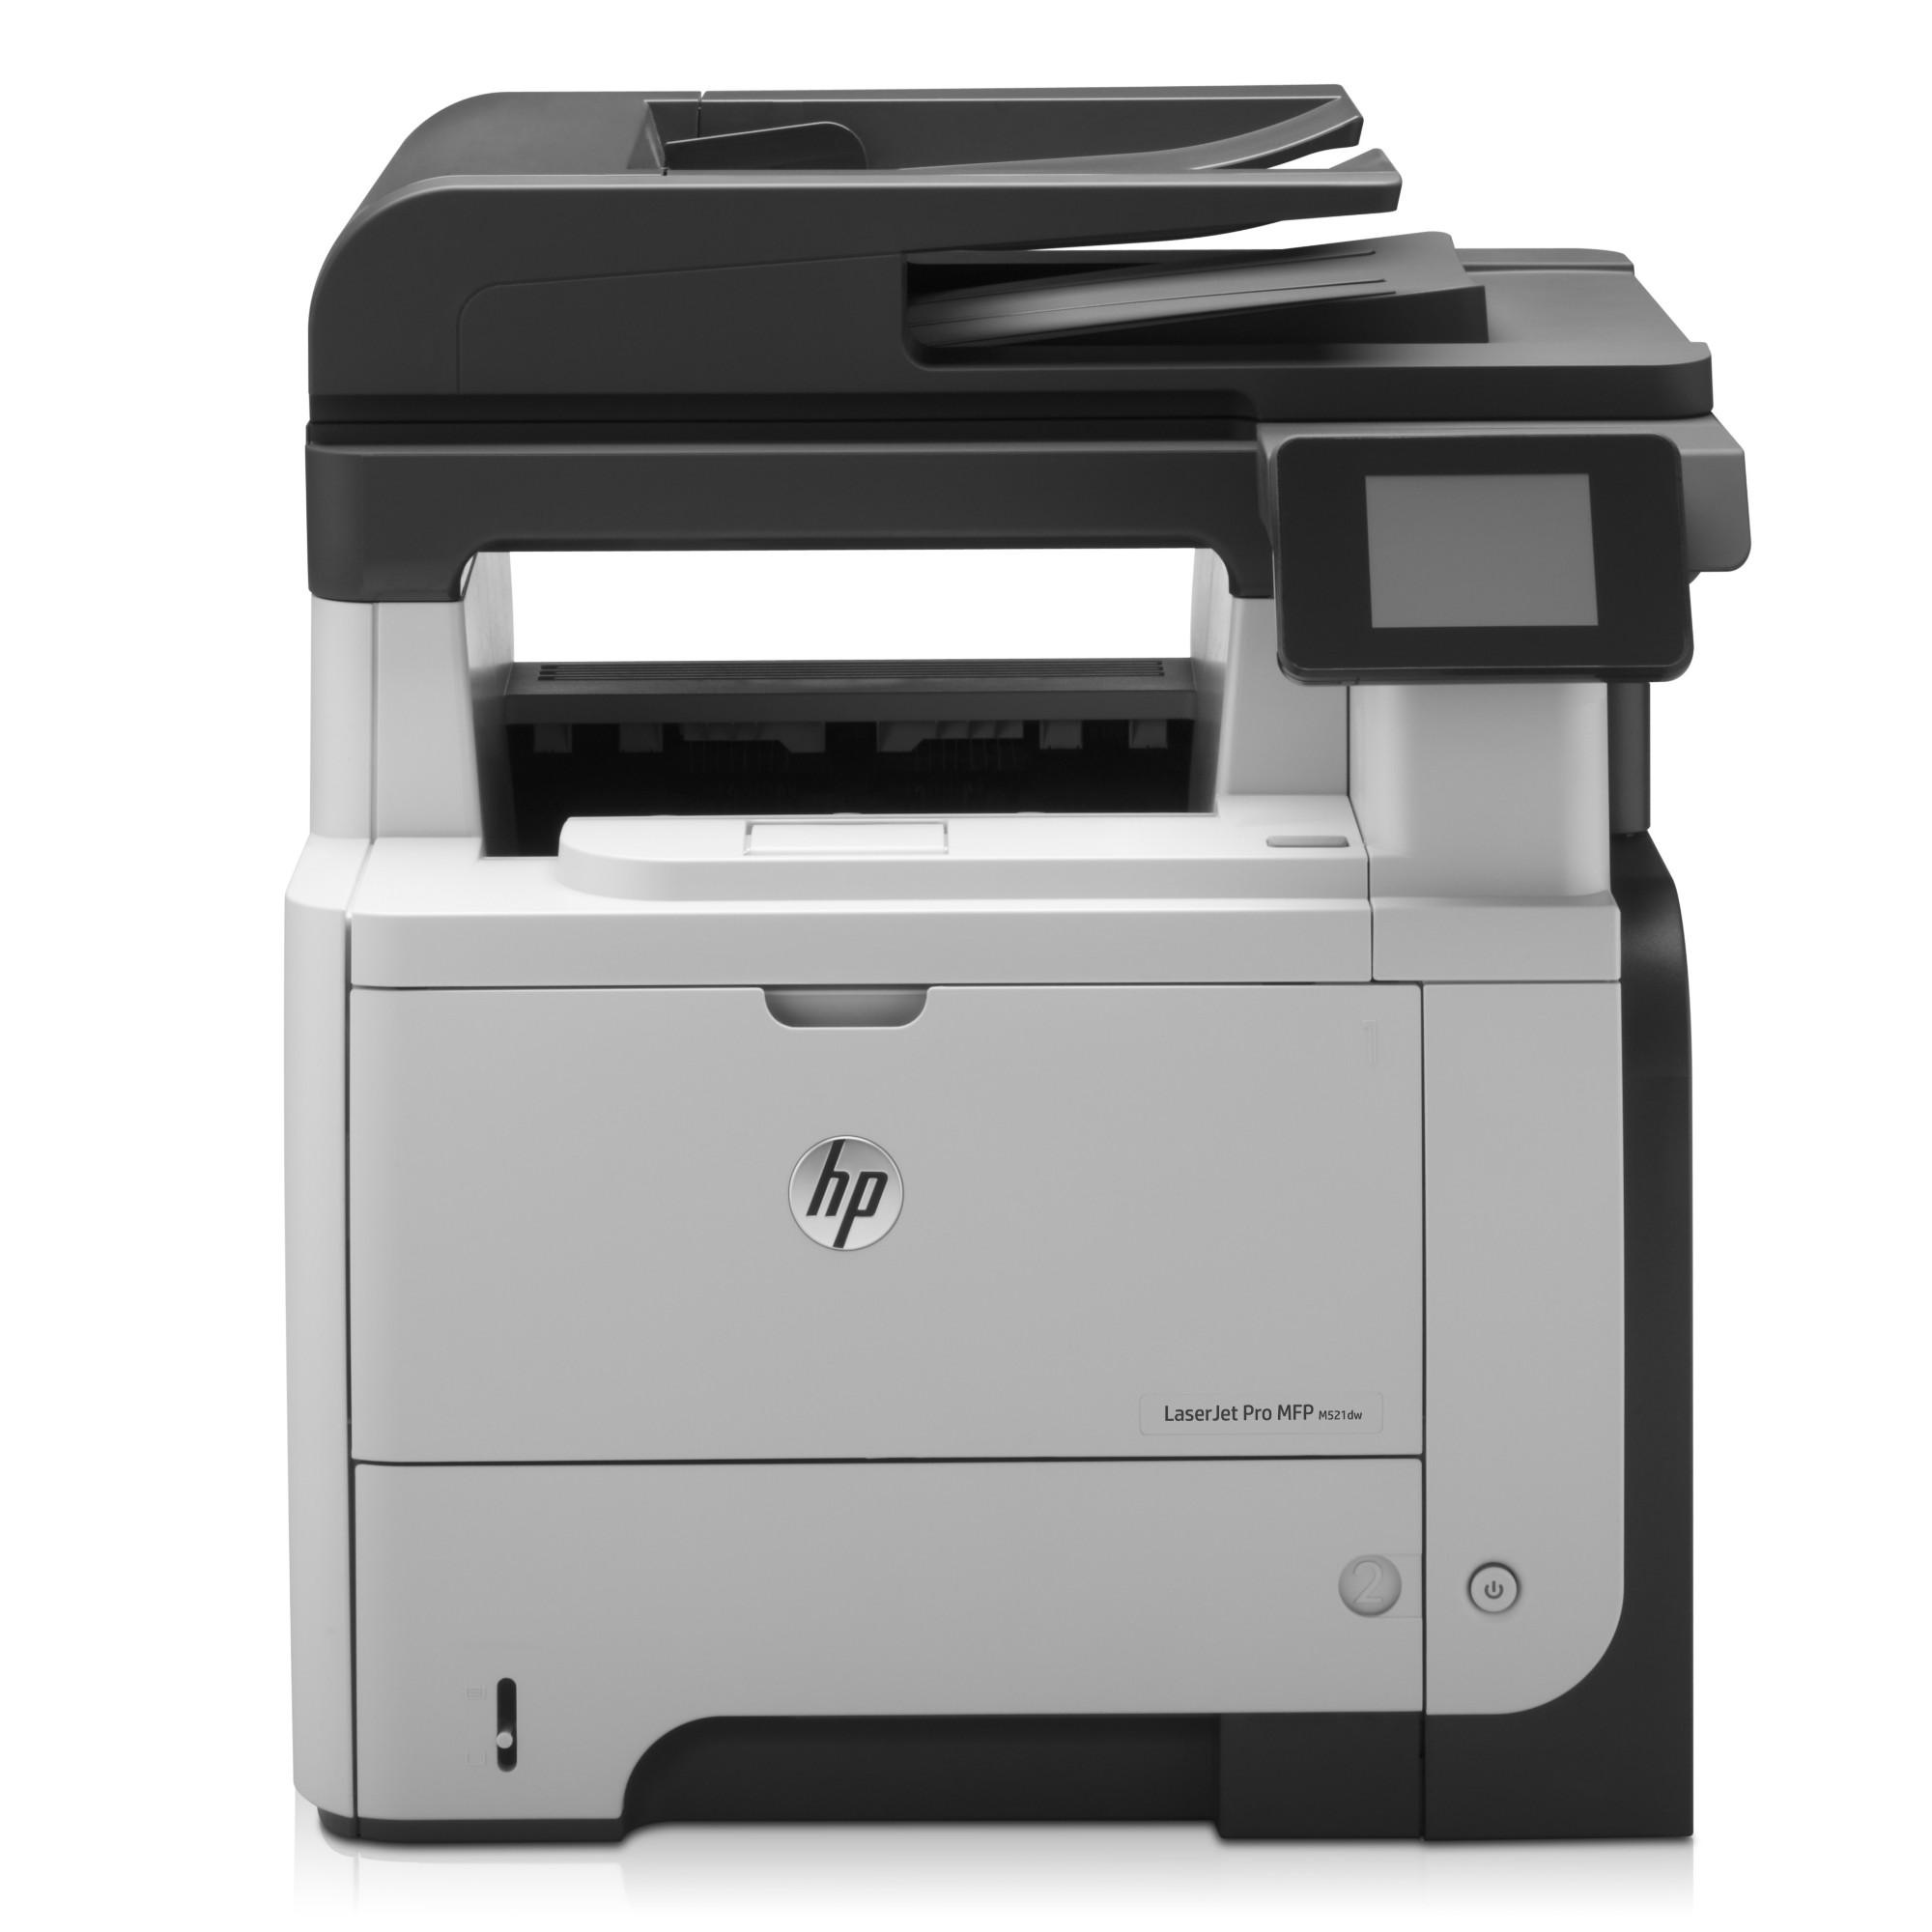 HP LaserJet Pro M521dw Laser 1200 x 1200 DPI 40 ppm A4 Wifi